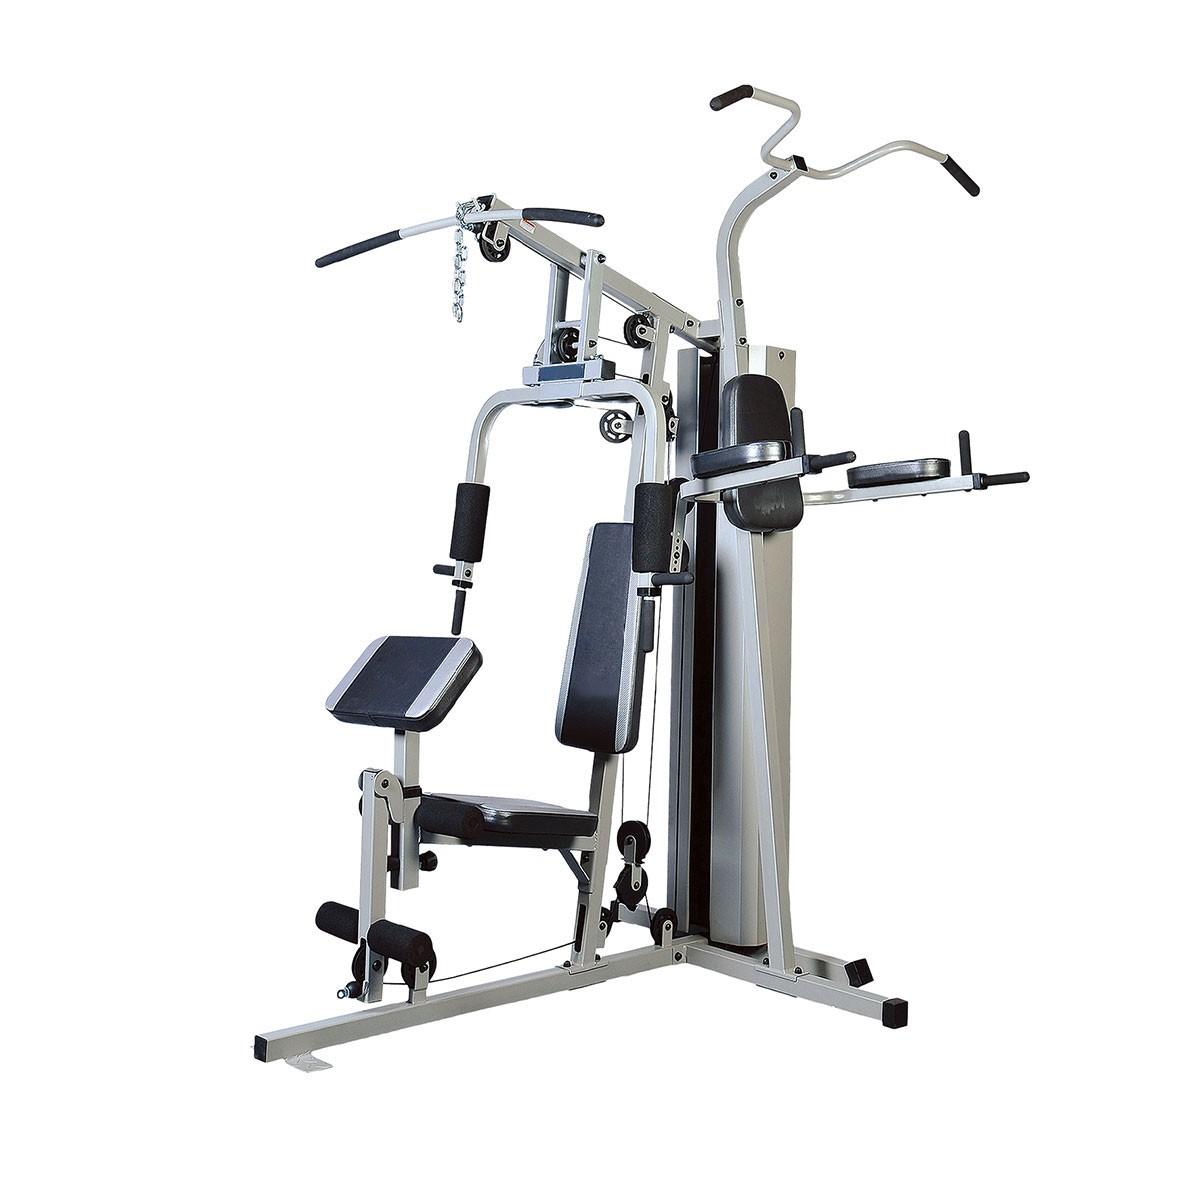 Appareil de Musculation à Domicile de Multi-Fonction pour 2 Utilisateurs Simultanément (JX-1183)